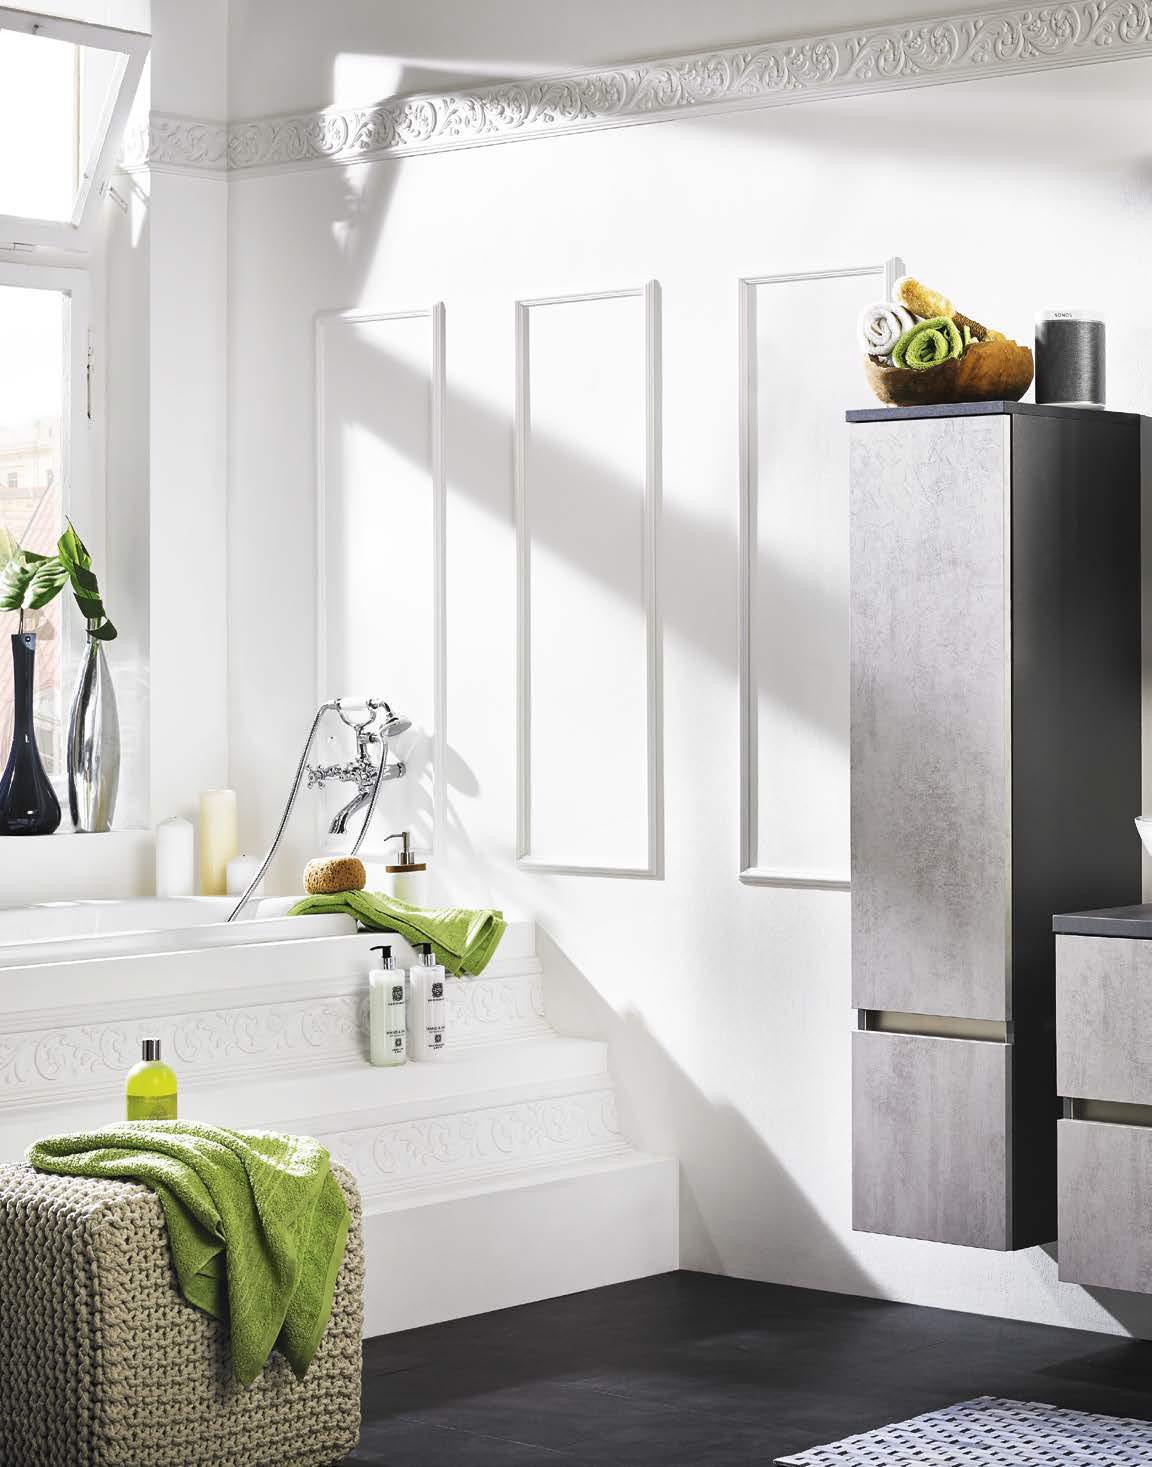 Ungewöhnlich Wesentliche Küche Bad Schlafzimmer Magazin Abonnement ...